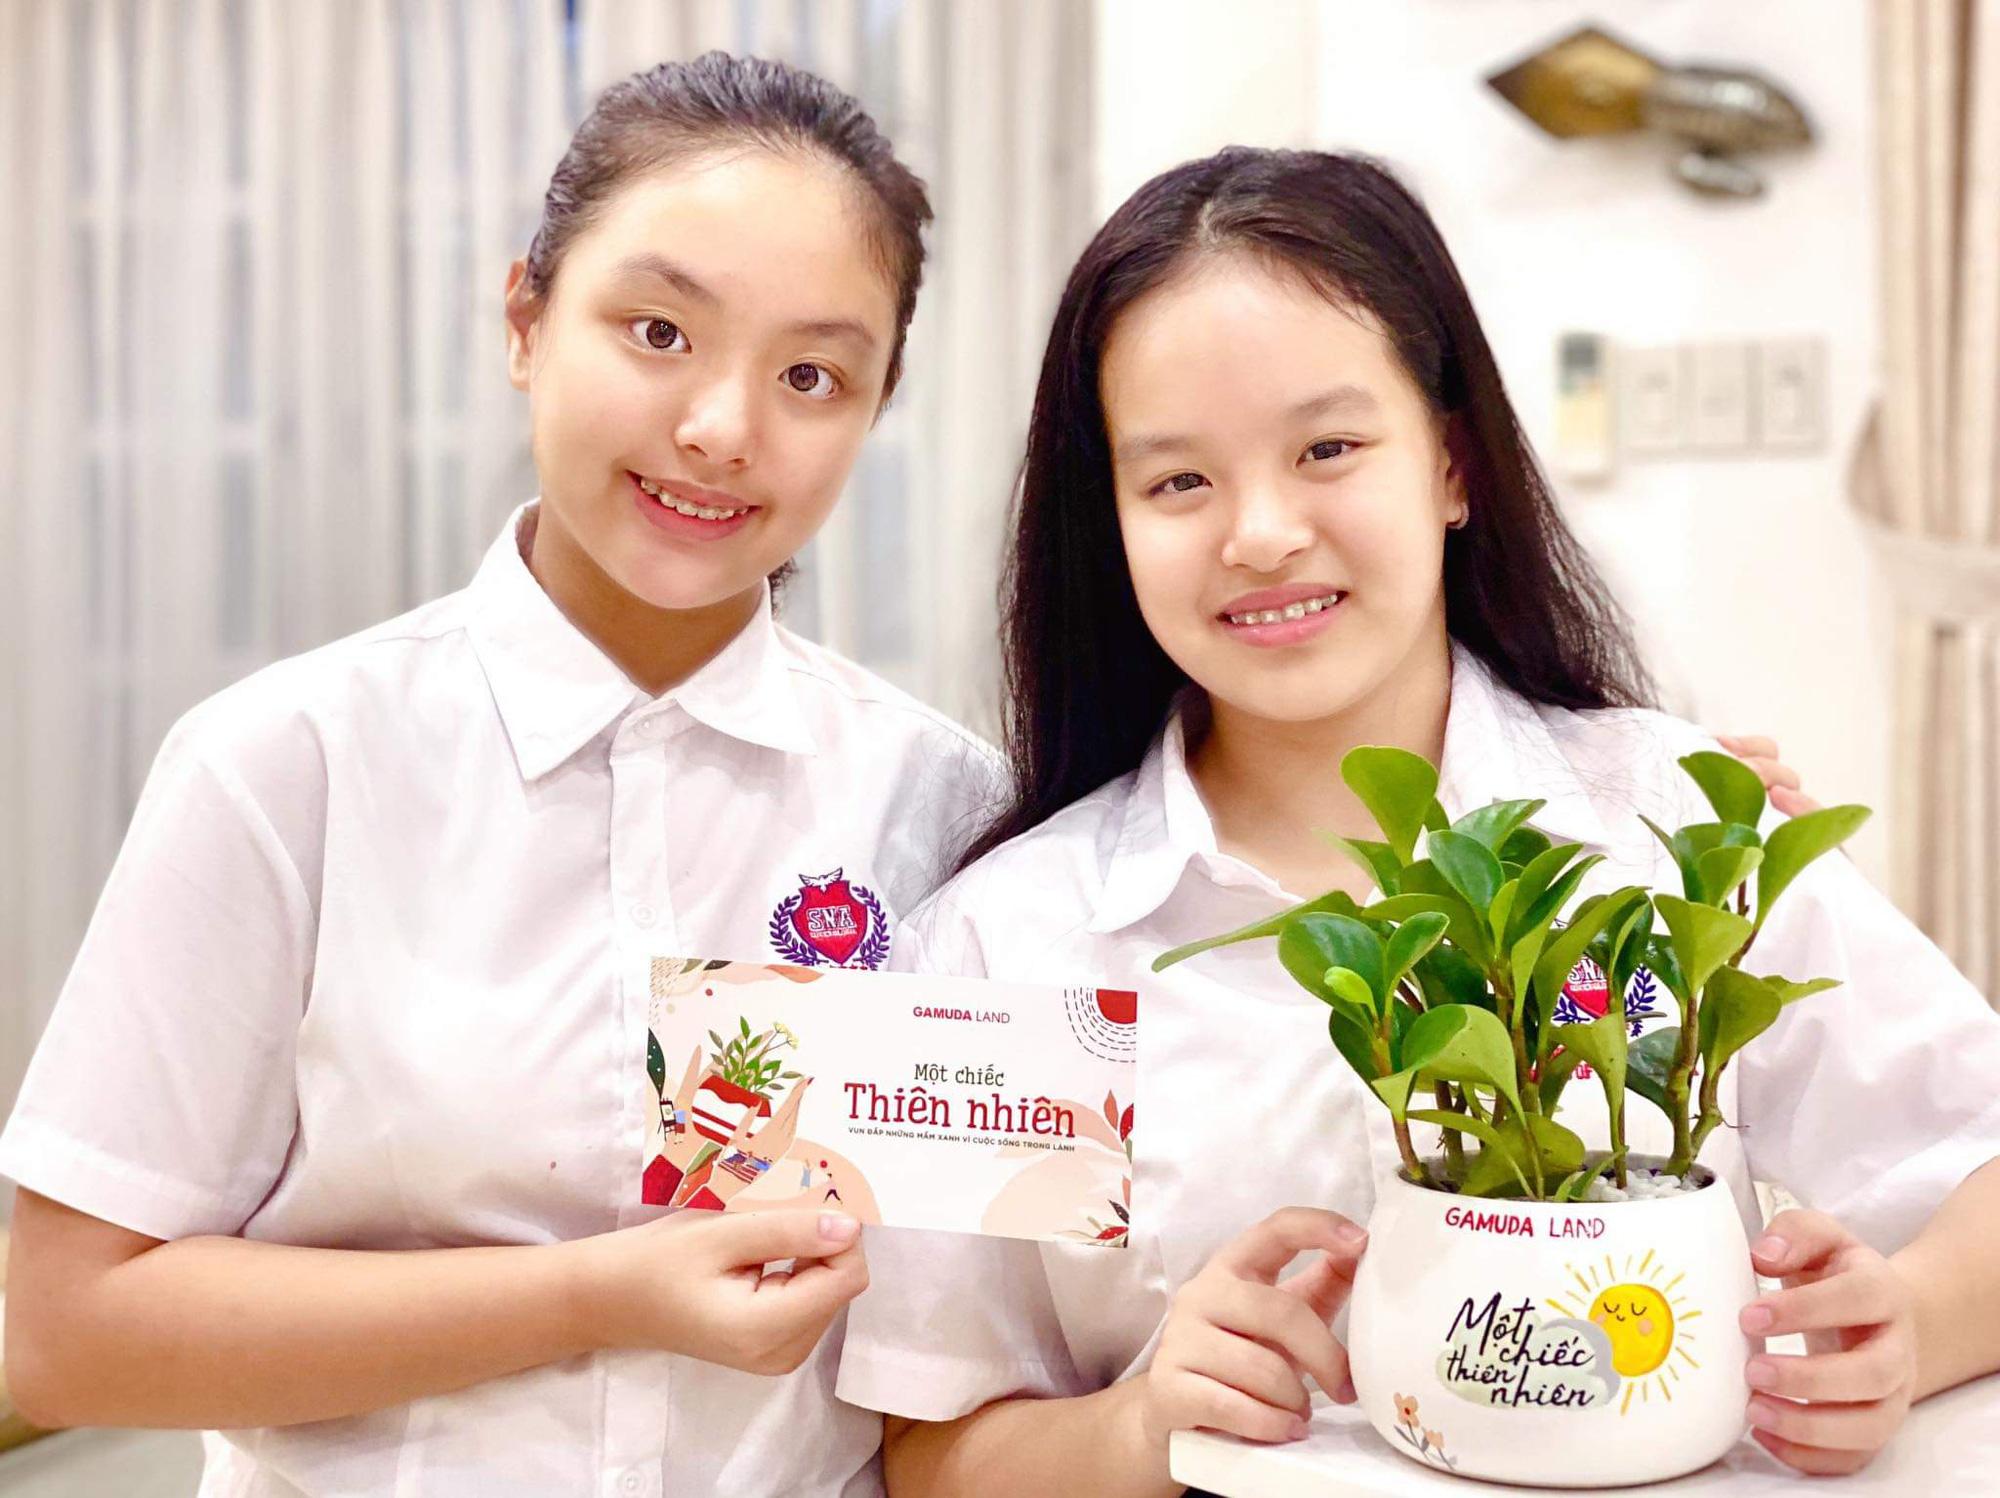 """Sao Việt hào hứng tham gia chiến dịch truyền cảm hứng siêu cute """"Một chiếc thiên nhiên"""" - Ảnh 2."""